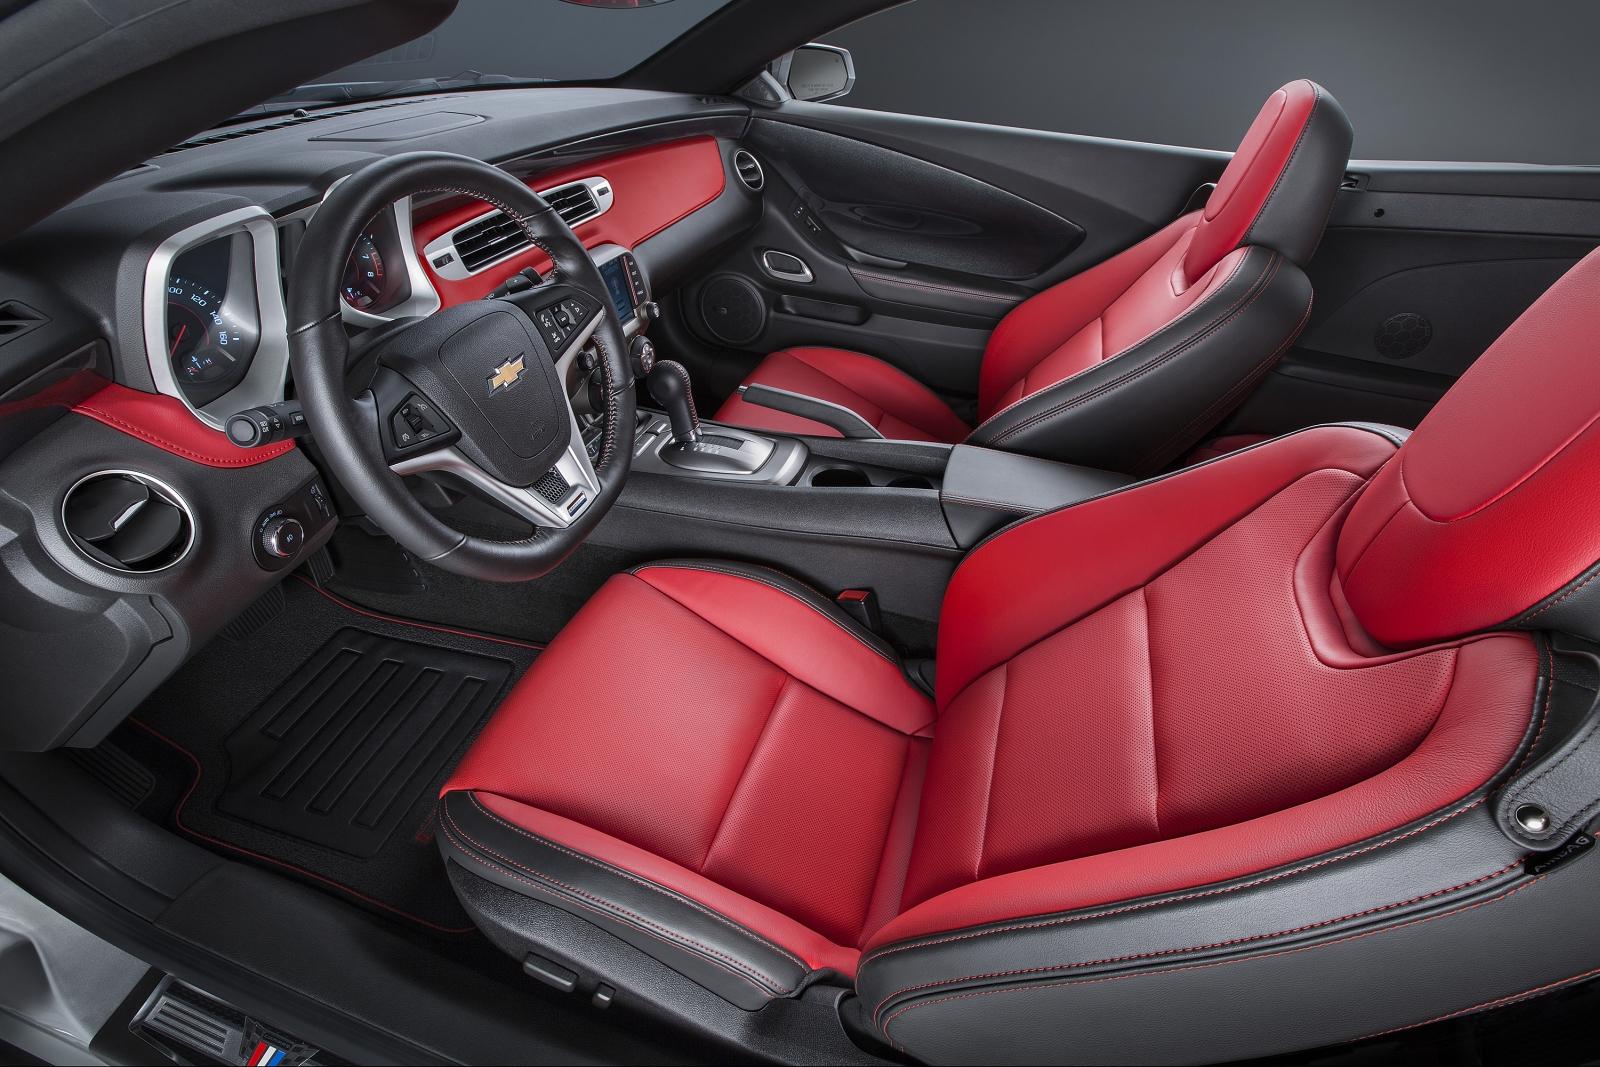 Chevrolet Camaro Commemorative Special Edition